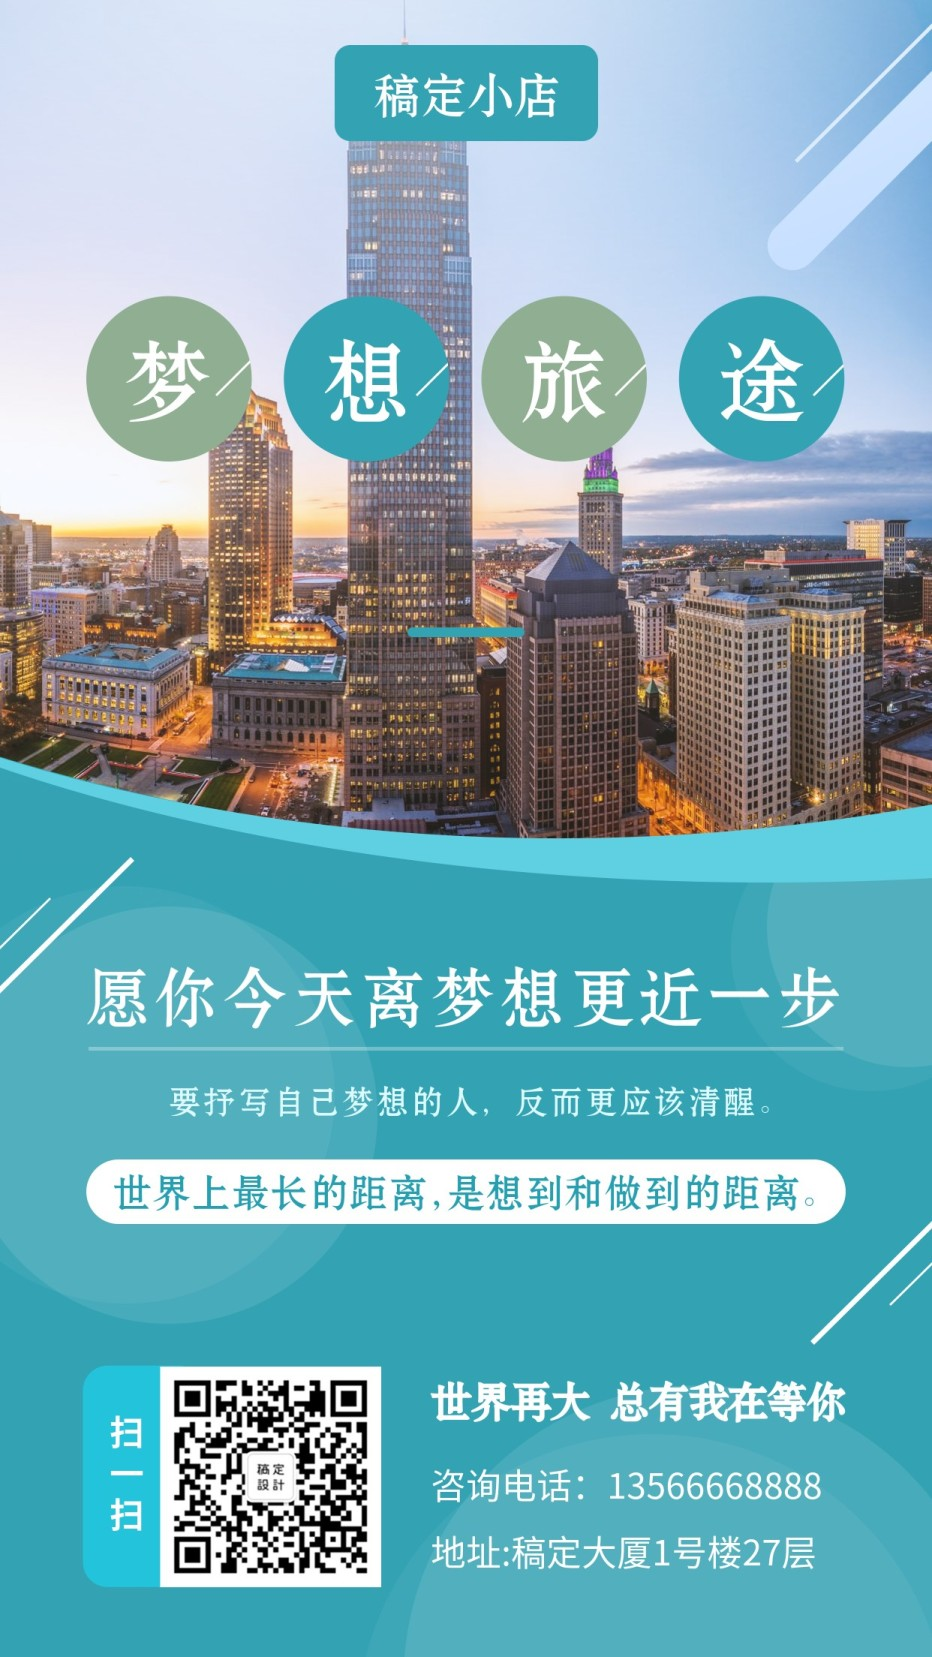 旅游/实景清新/问候/手机海报